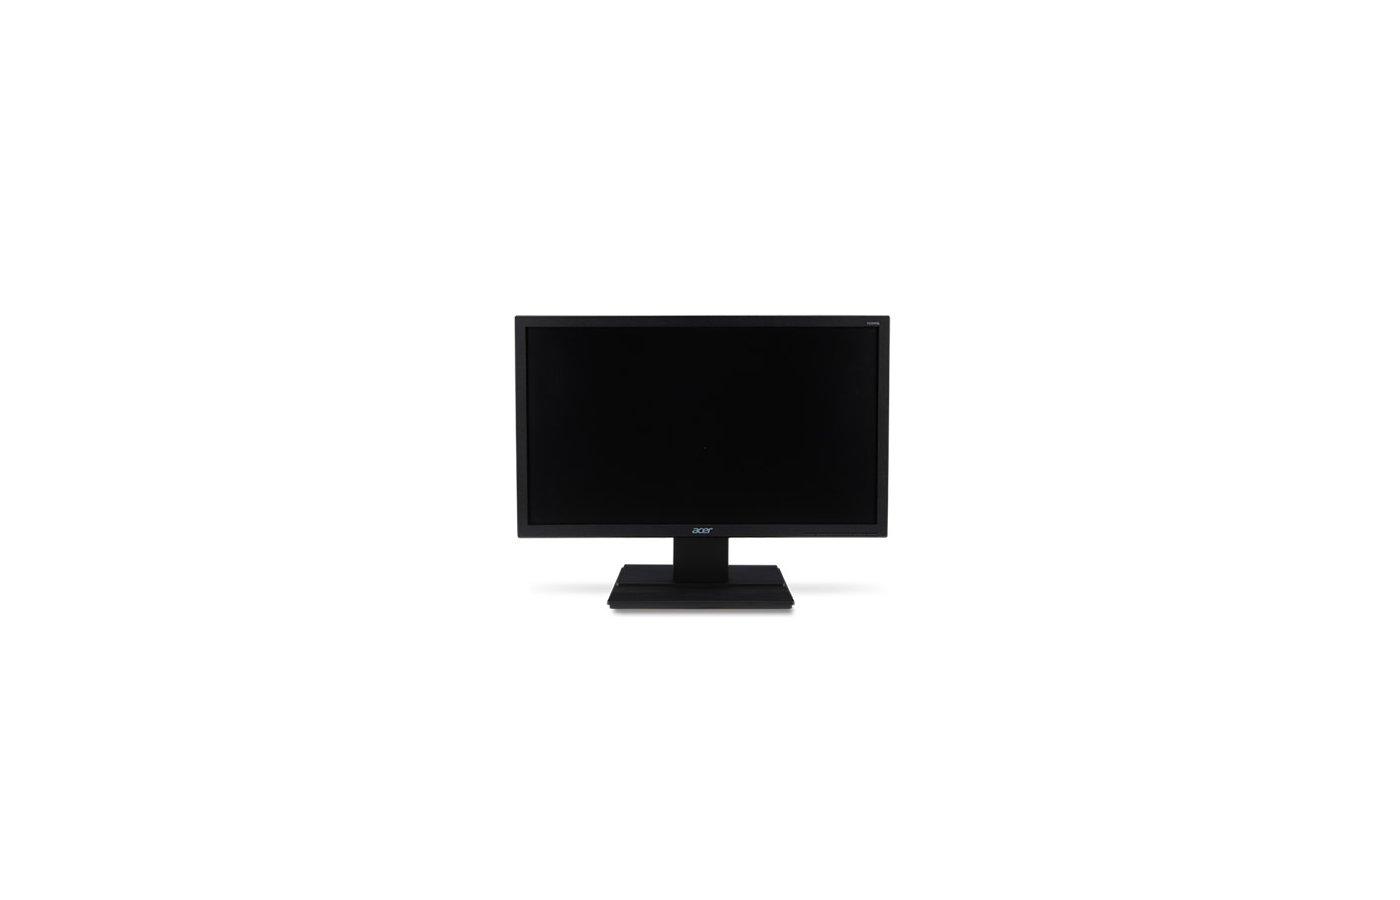 """ЖК-монитор более 24"""" Acer V246HLbmd Black /UM.FV6EE.006/"""